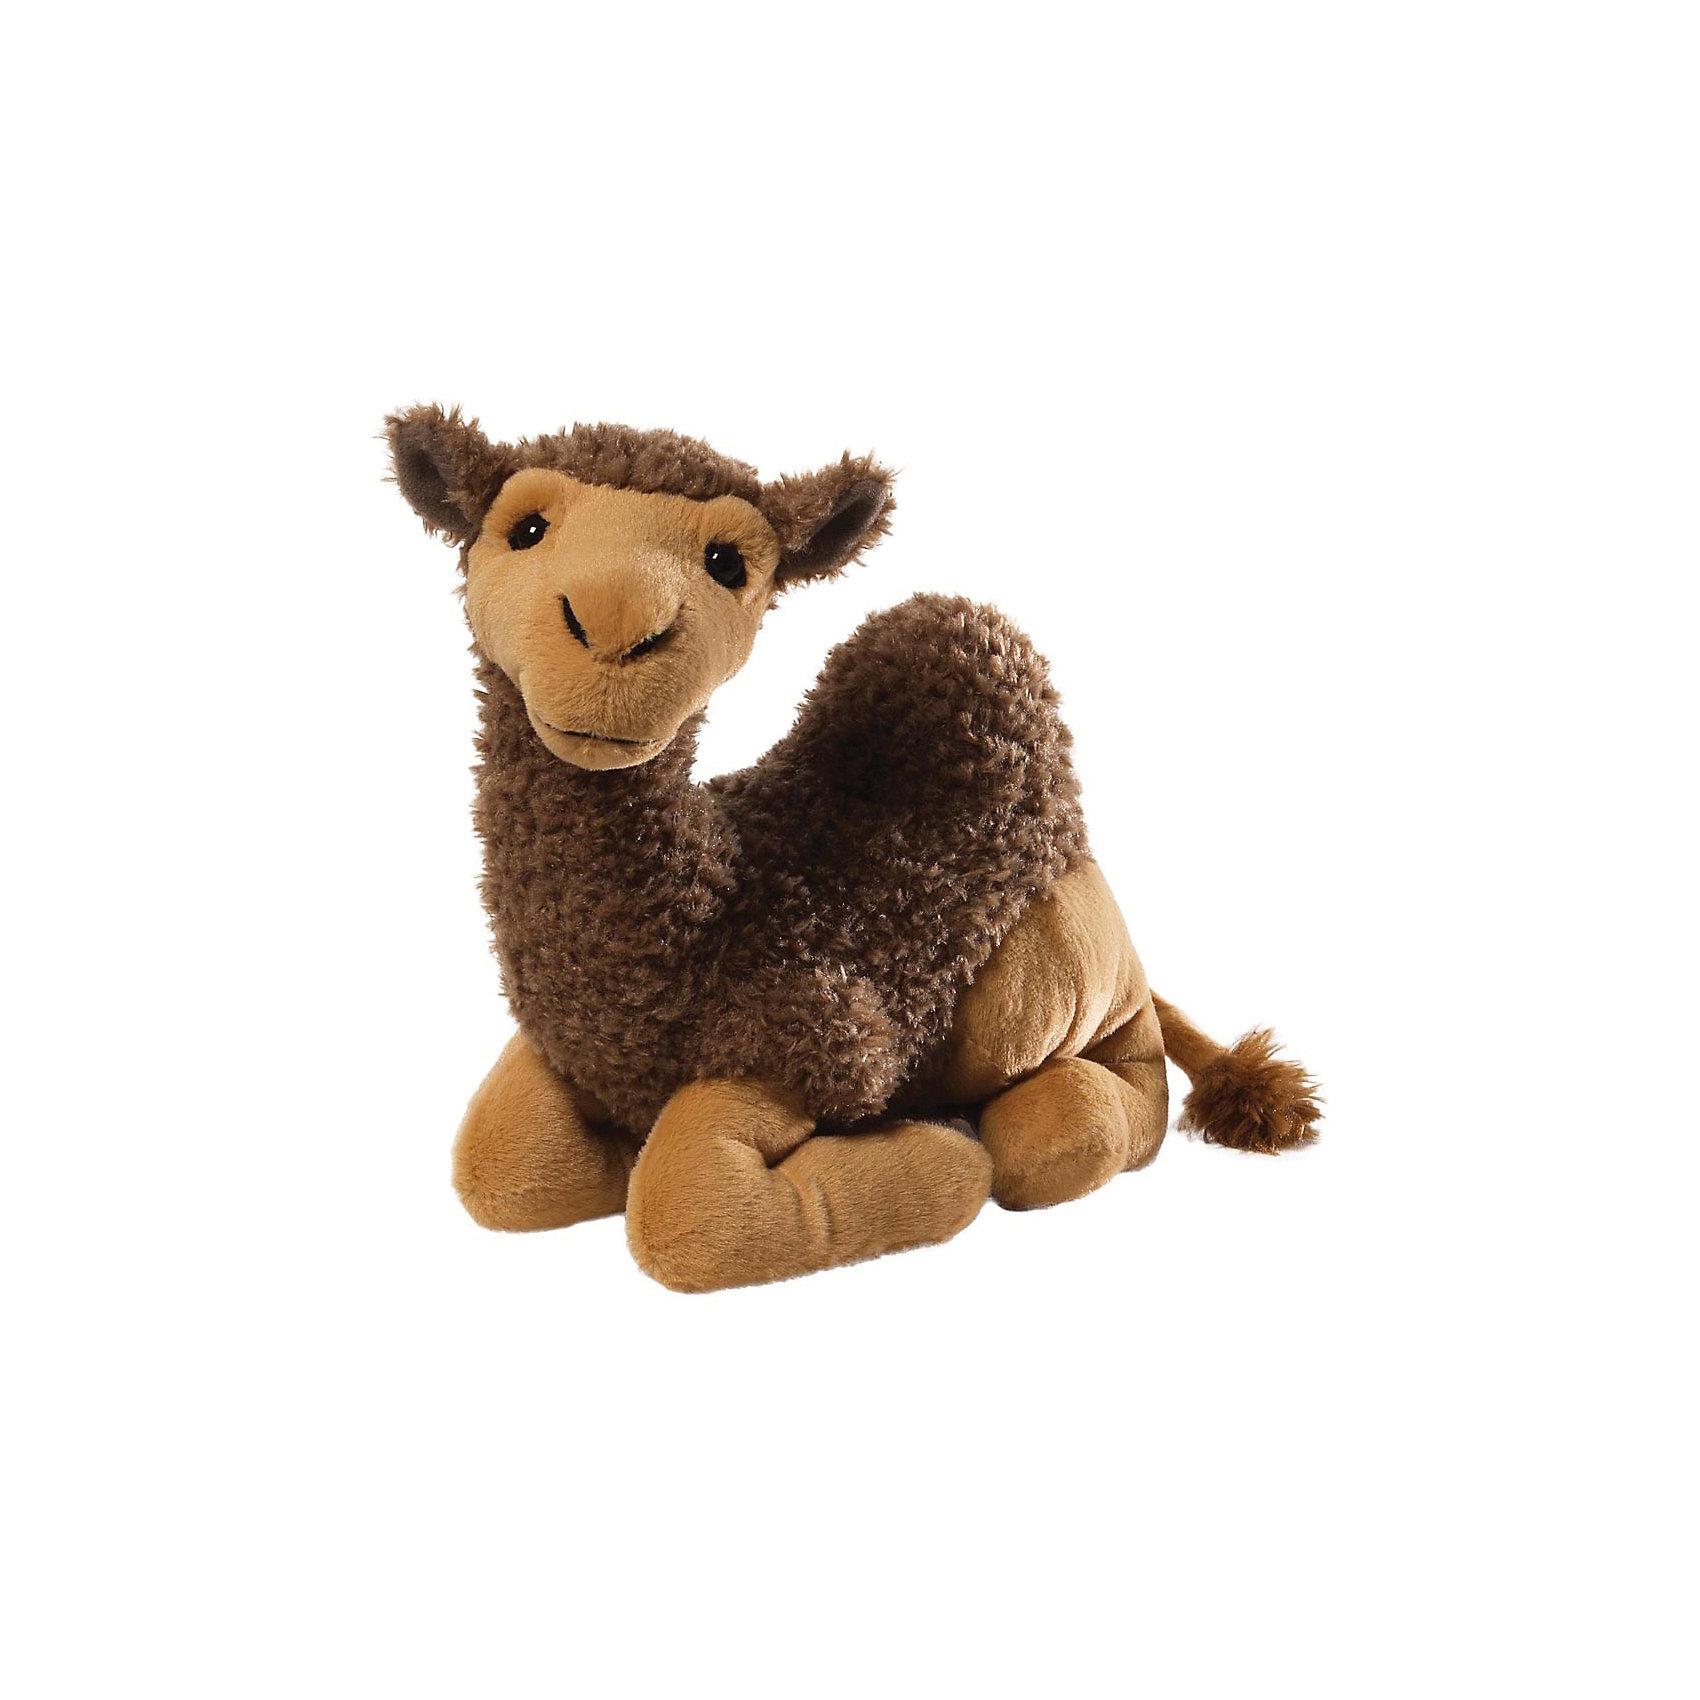 Верблюд Camella, 24 см, GundВерблюд Camella, Gund - чудесная мягкая игрушка, отличающаяся высоким качеством исполнения и реалистичностью, это настоящий маленький друг, которому будут рады дети любого возраста. Игрушка выглядит как настоящий живой верблюжонок. У него очень мягкая, приятная на ощупь коричневая шерстка из высококачественного искусственного меха и очаровательная мордочка с большими глазами. Искусно выполненные детали придают зверюшке очень трогательный и живой вид. Игрушка аккуратно сшита, выполнена из гипоаллергенных материалов и совершенно безопасна для детей. <br><br>Дополнительная информация:<br><br>- Материал: искусственный мех, текстиль. <br>- Высота игрушки: 24 см.<br>- Размер игрушки: 25 х 12 х 26 см.<br>- Вес: 0,15 кг.<br><br>Верблюда Camella, 24 см., Gund, можно купить в нашем интернет-магазине.<br><br>Ширина мм: 250<br>Глубина мм: 120<br>Высота мм: 260<br>Вес г: 150<br>Возраст от месяцев: 36<br>Возраст до месяцев: 120<br>Пол: Унисекс<br>Возраст: Детский<br>SKU: 4241900